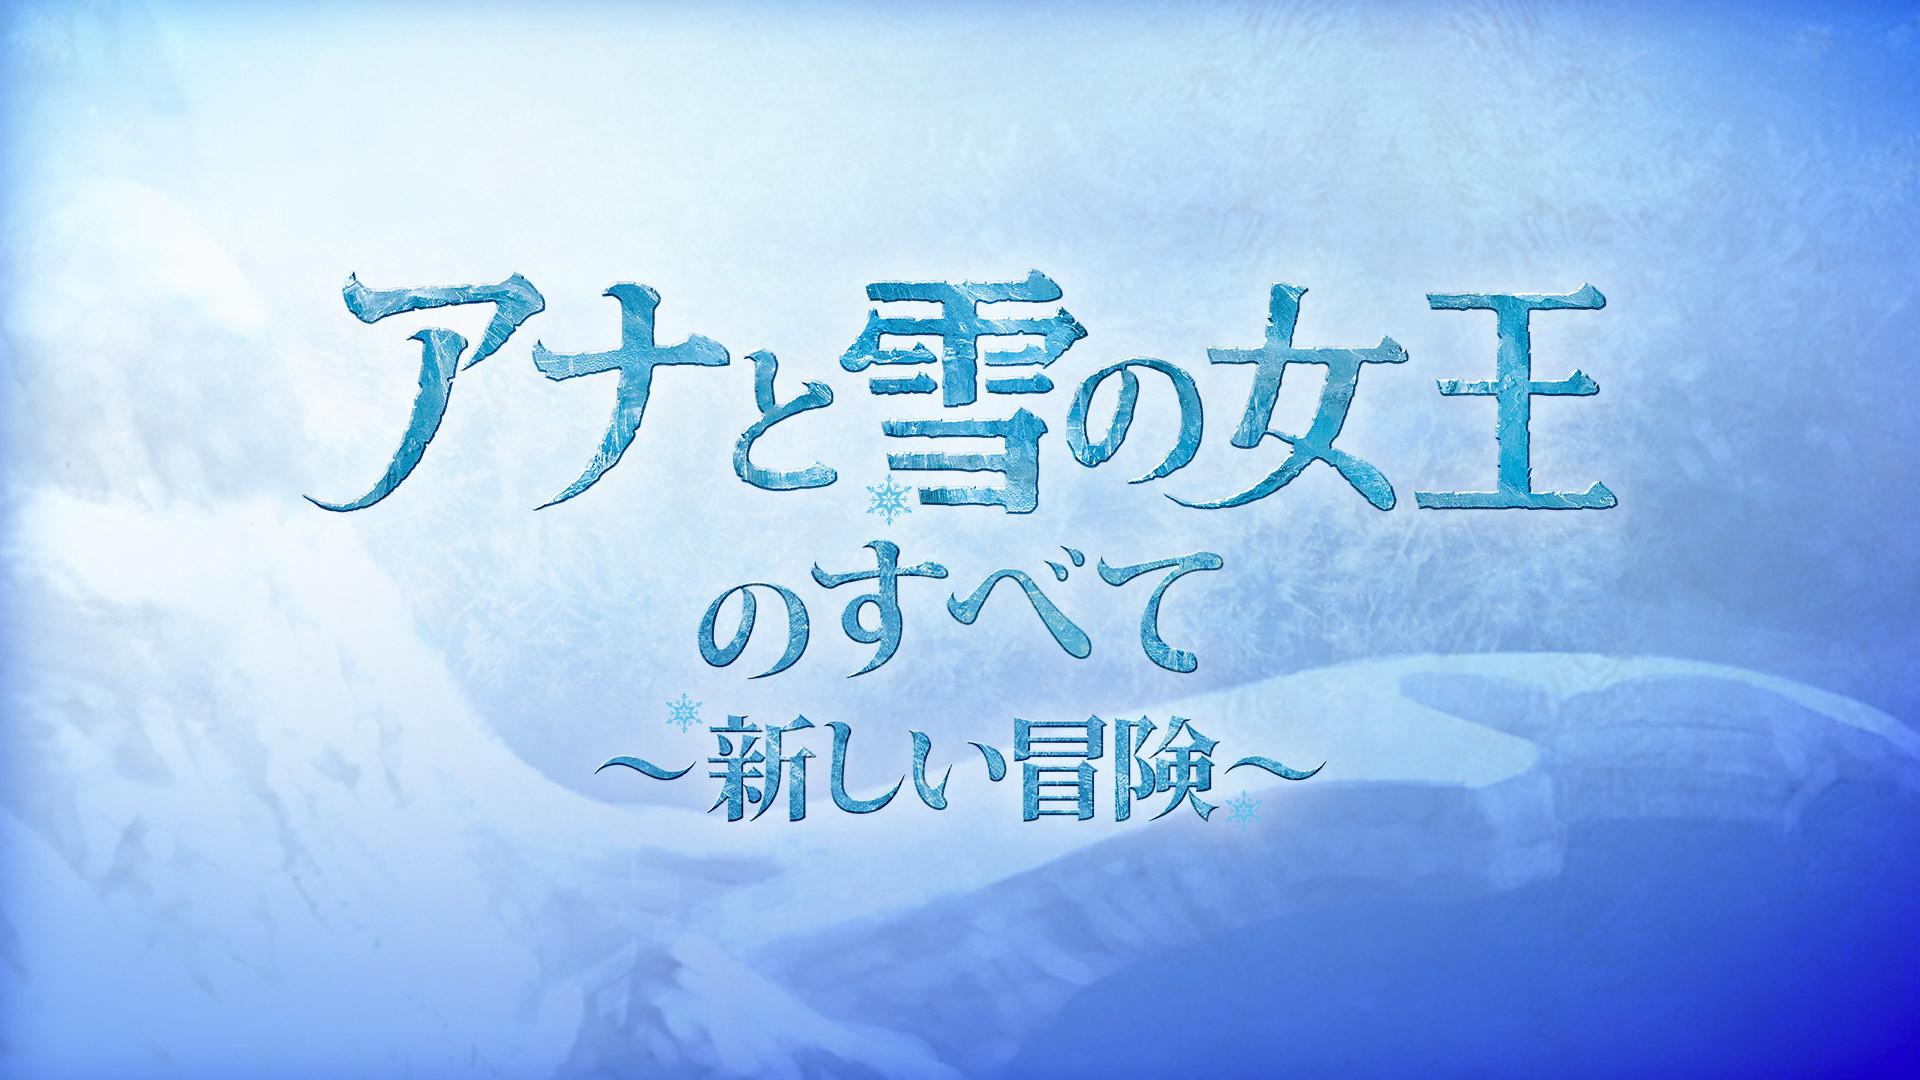 「アナと雪の女王のすべて〜新しい冒険」(C) ABC, Inc.